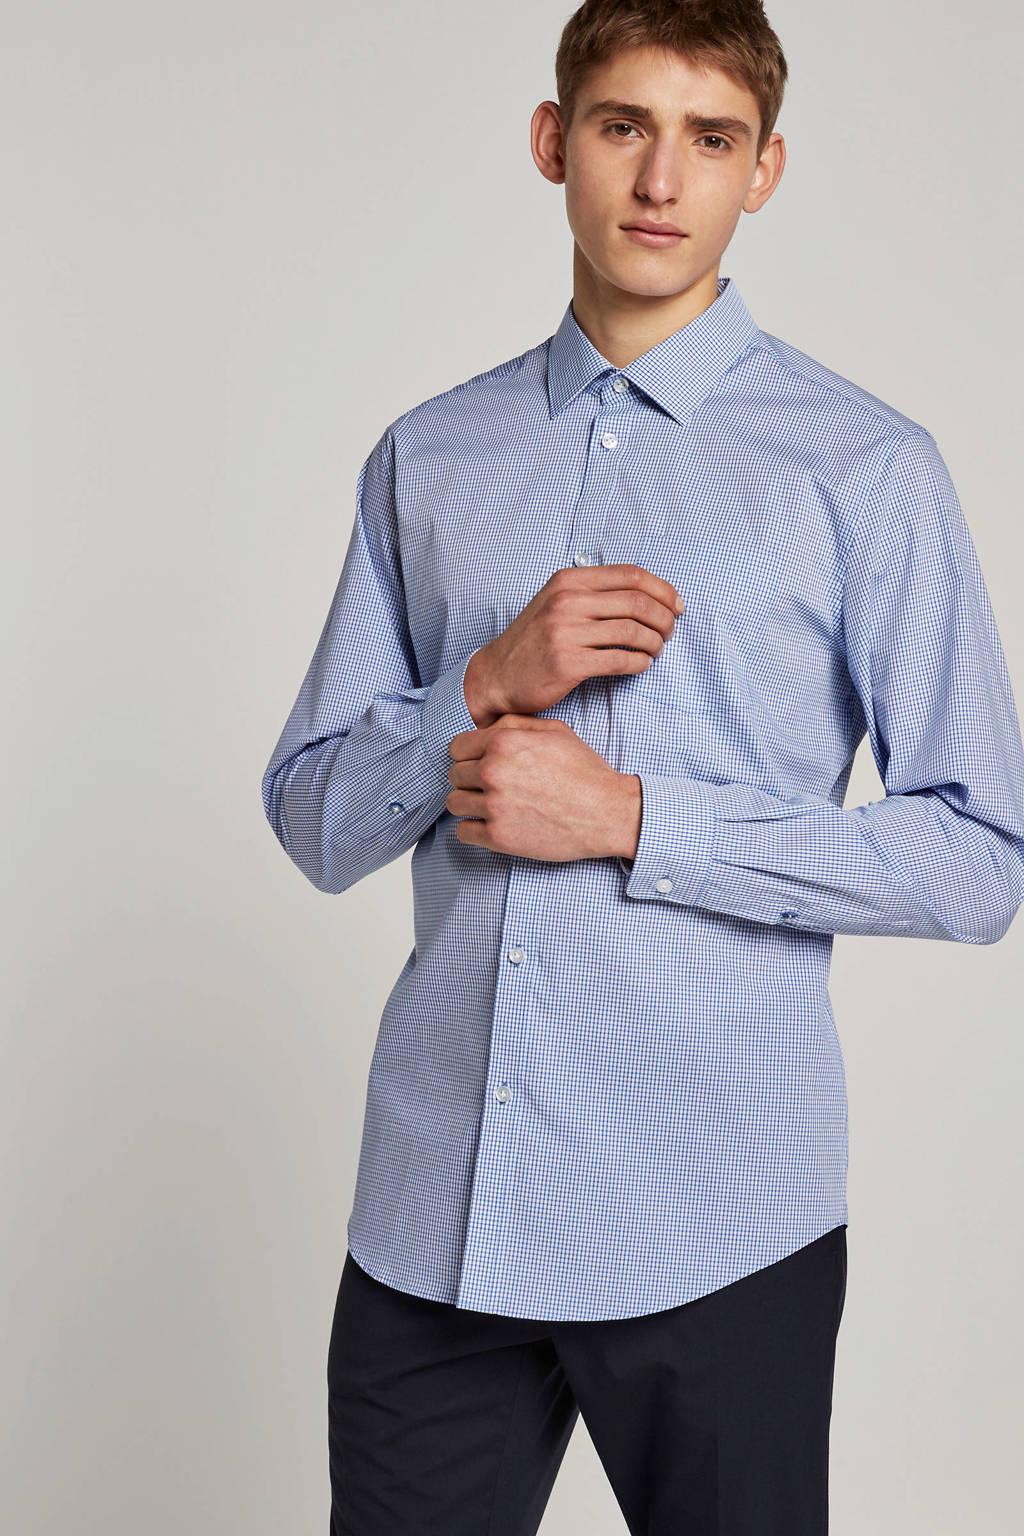 ESPRIT Men Collection geruit slim fit overhemd blauw/wit, Blauw/wit